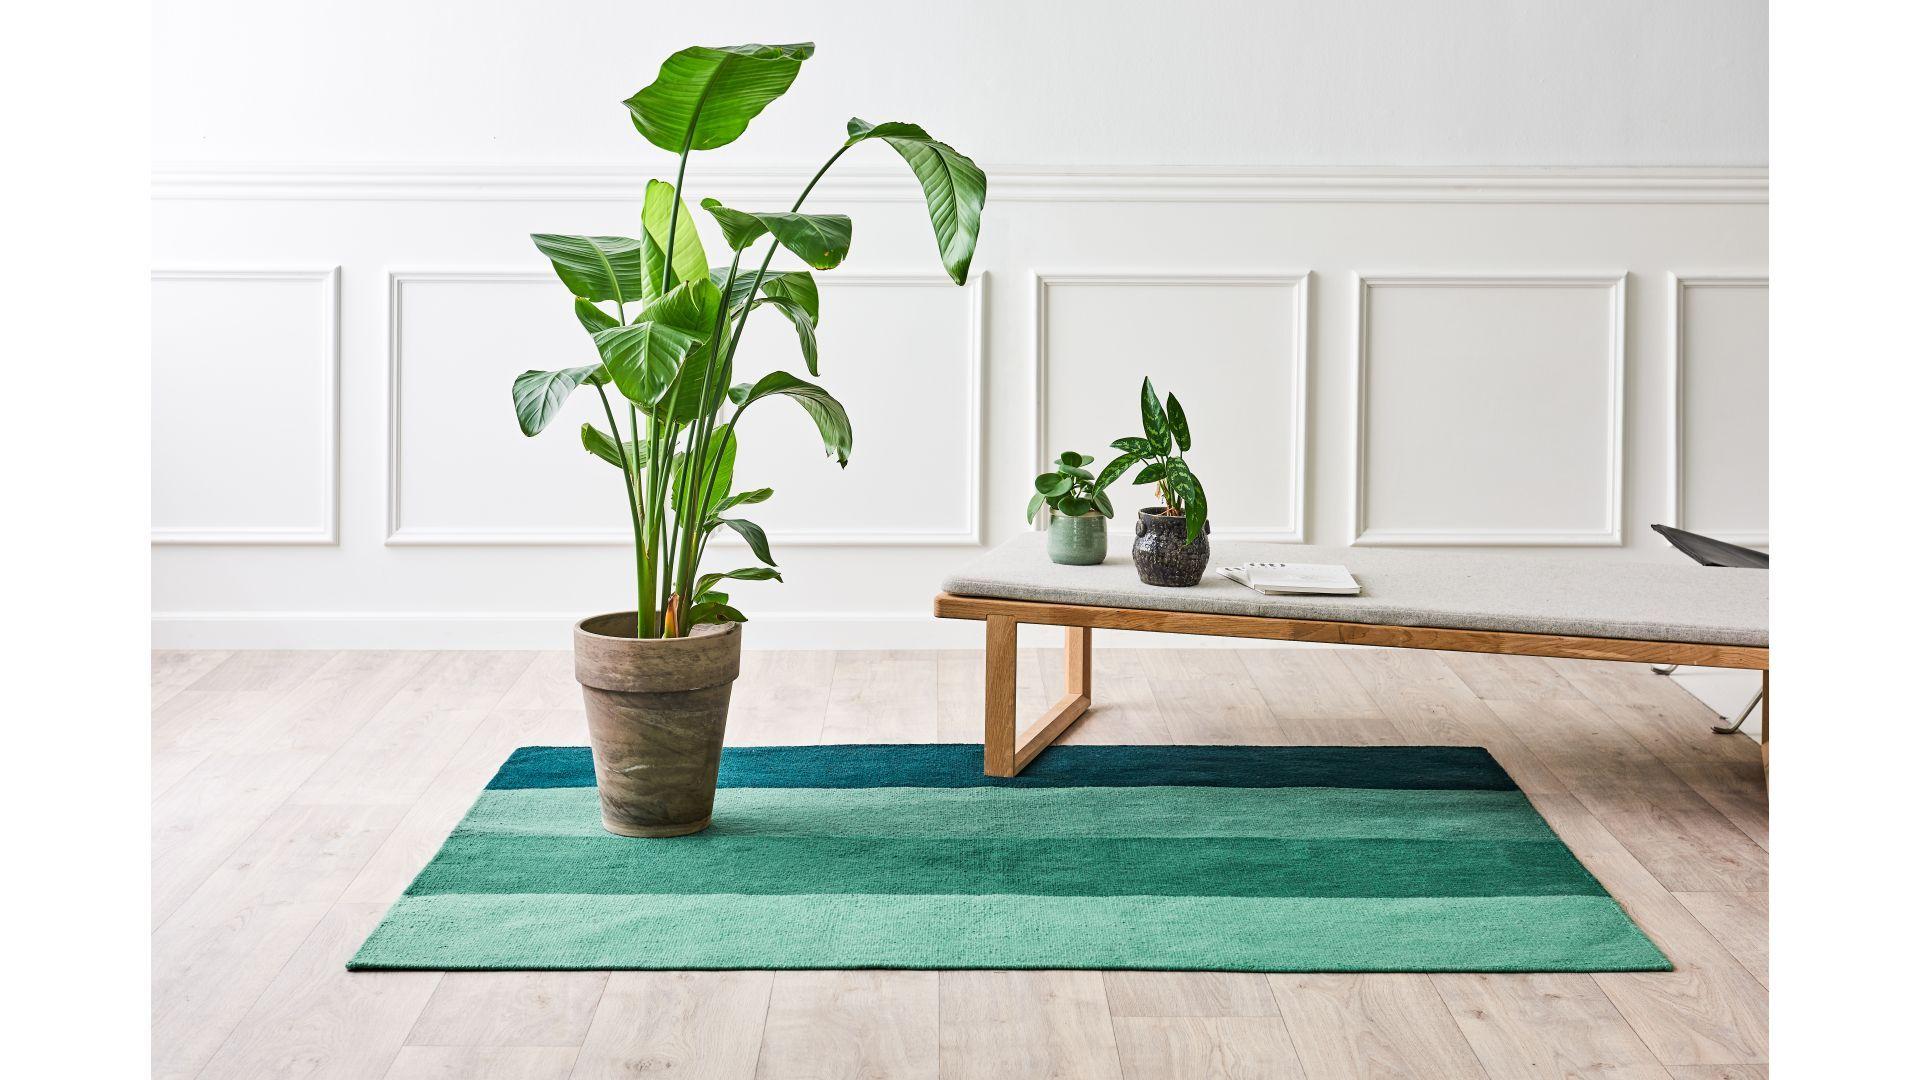 Dywan na balkon/taras, z recyklingu, w kolorze zielonym/Carpets&More. Produkt zgłoszony do konkursu Dobry Design 2020.